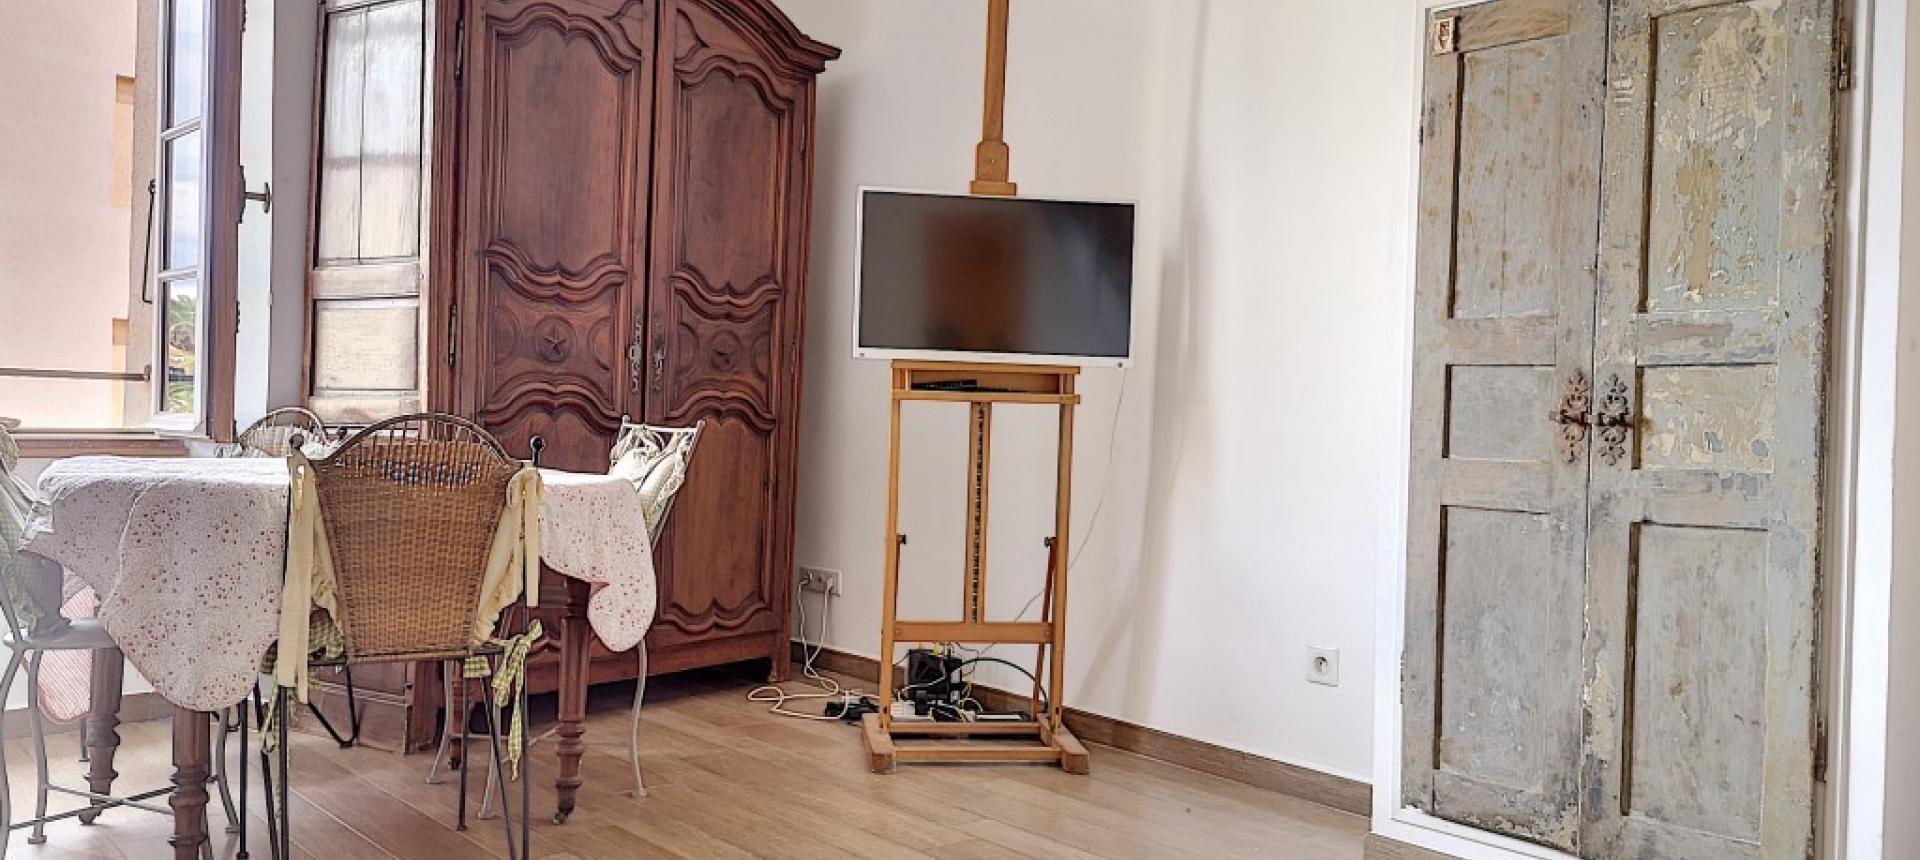 F2 meublé à louer au cœur de la ville d'Ajaccio  séjour